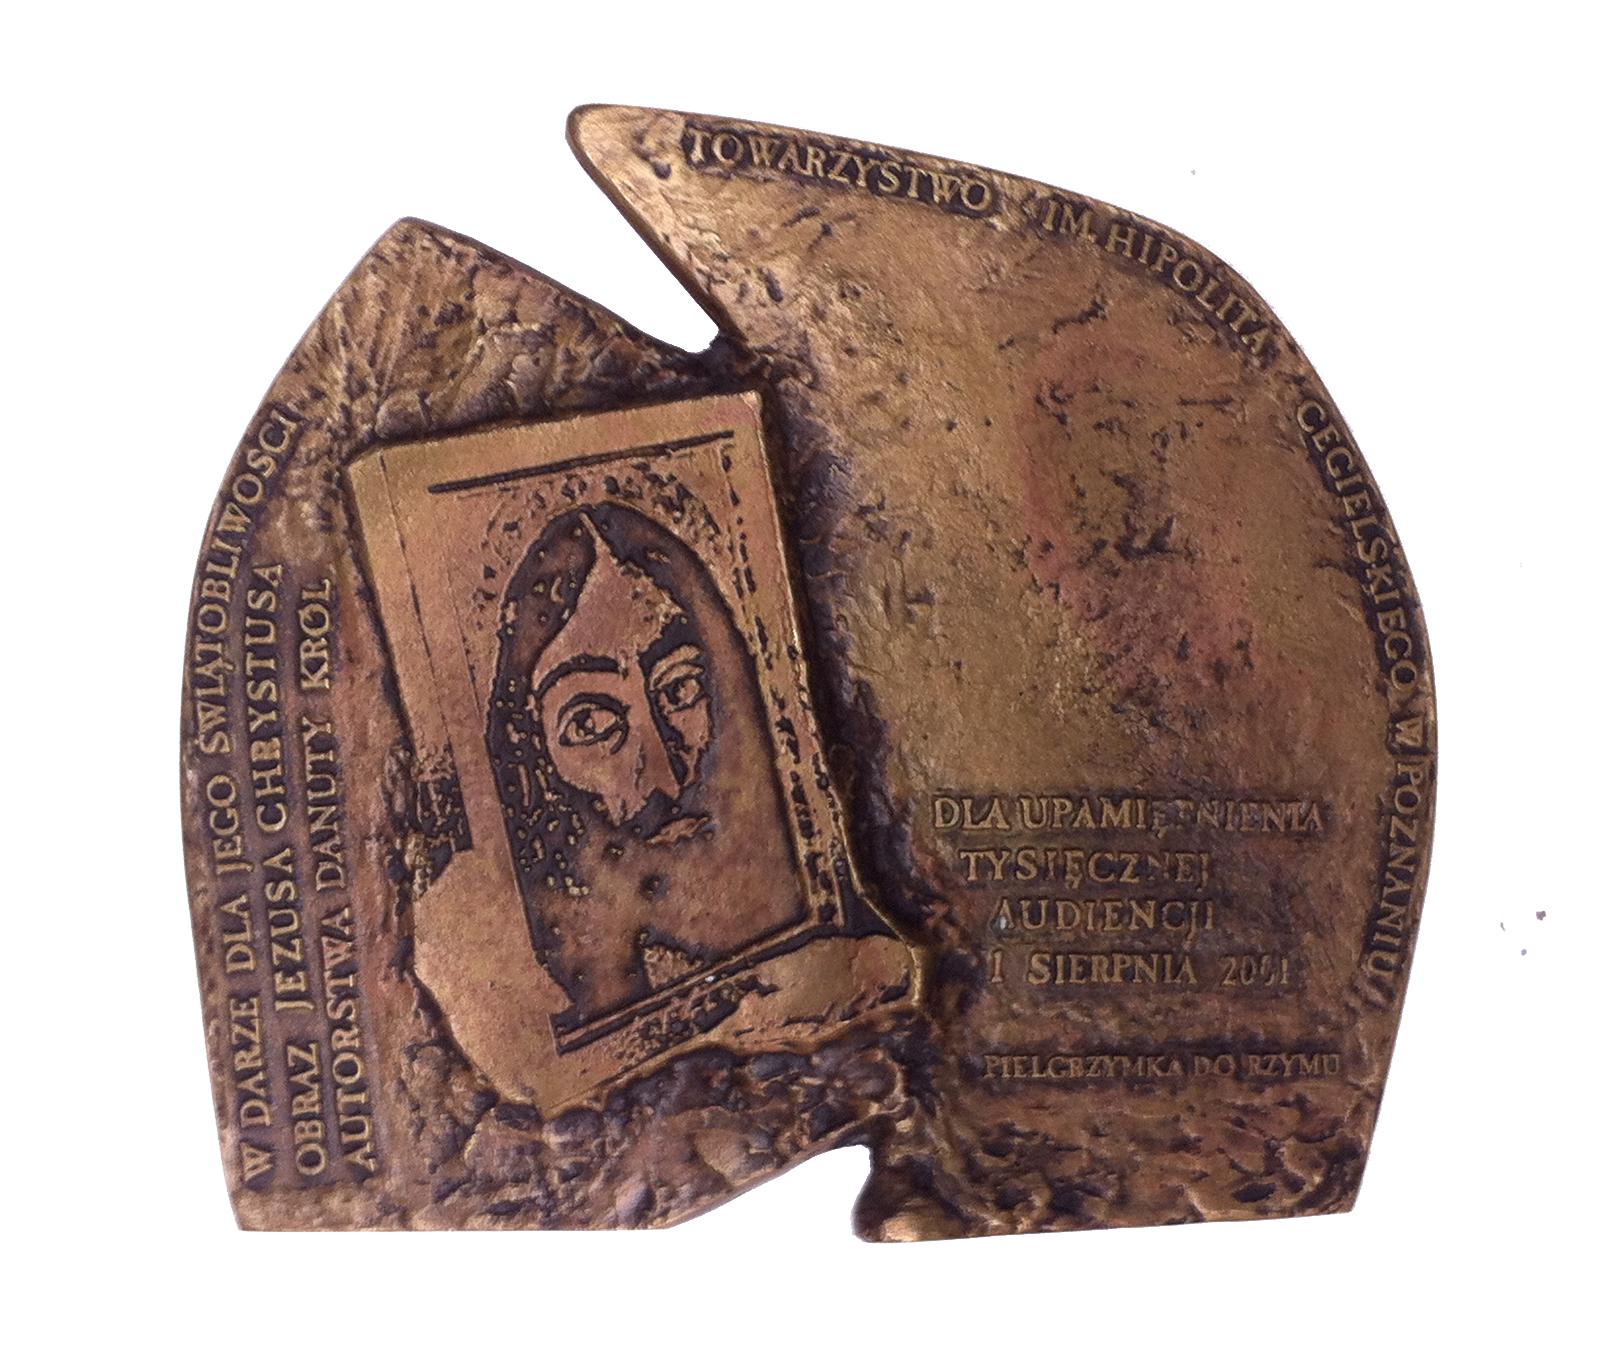 Tysięczna audiencja (rewers), brąz, 14 x 15,8 cm, 2001